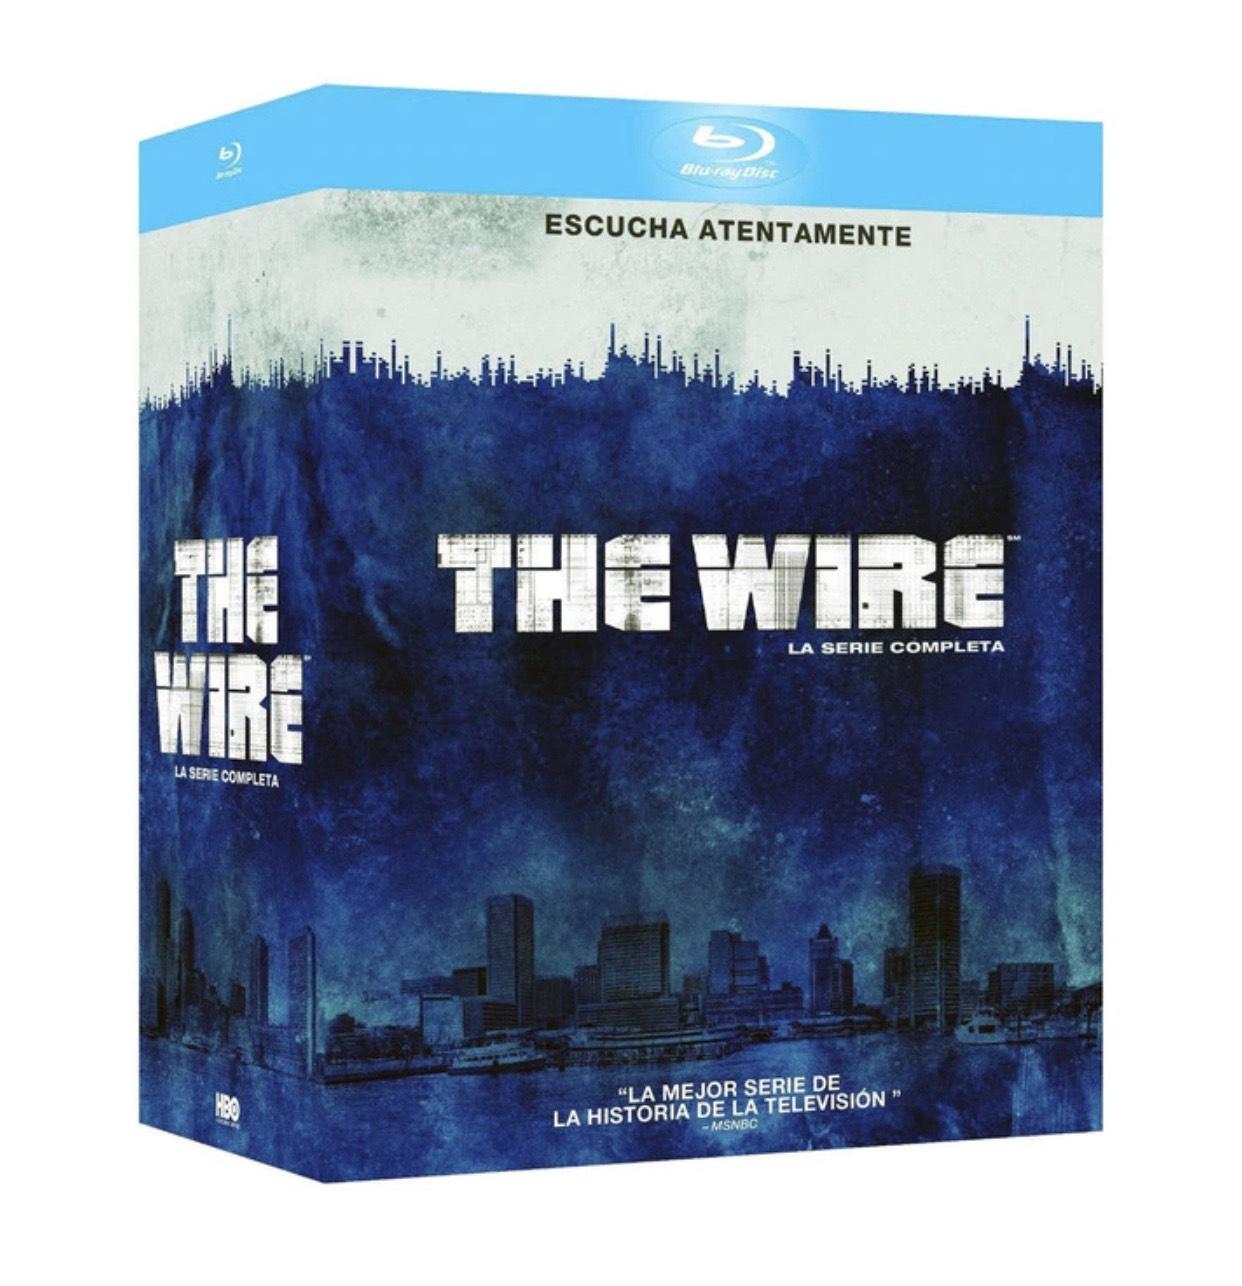 The Wire (Serie Completa Bluray)